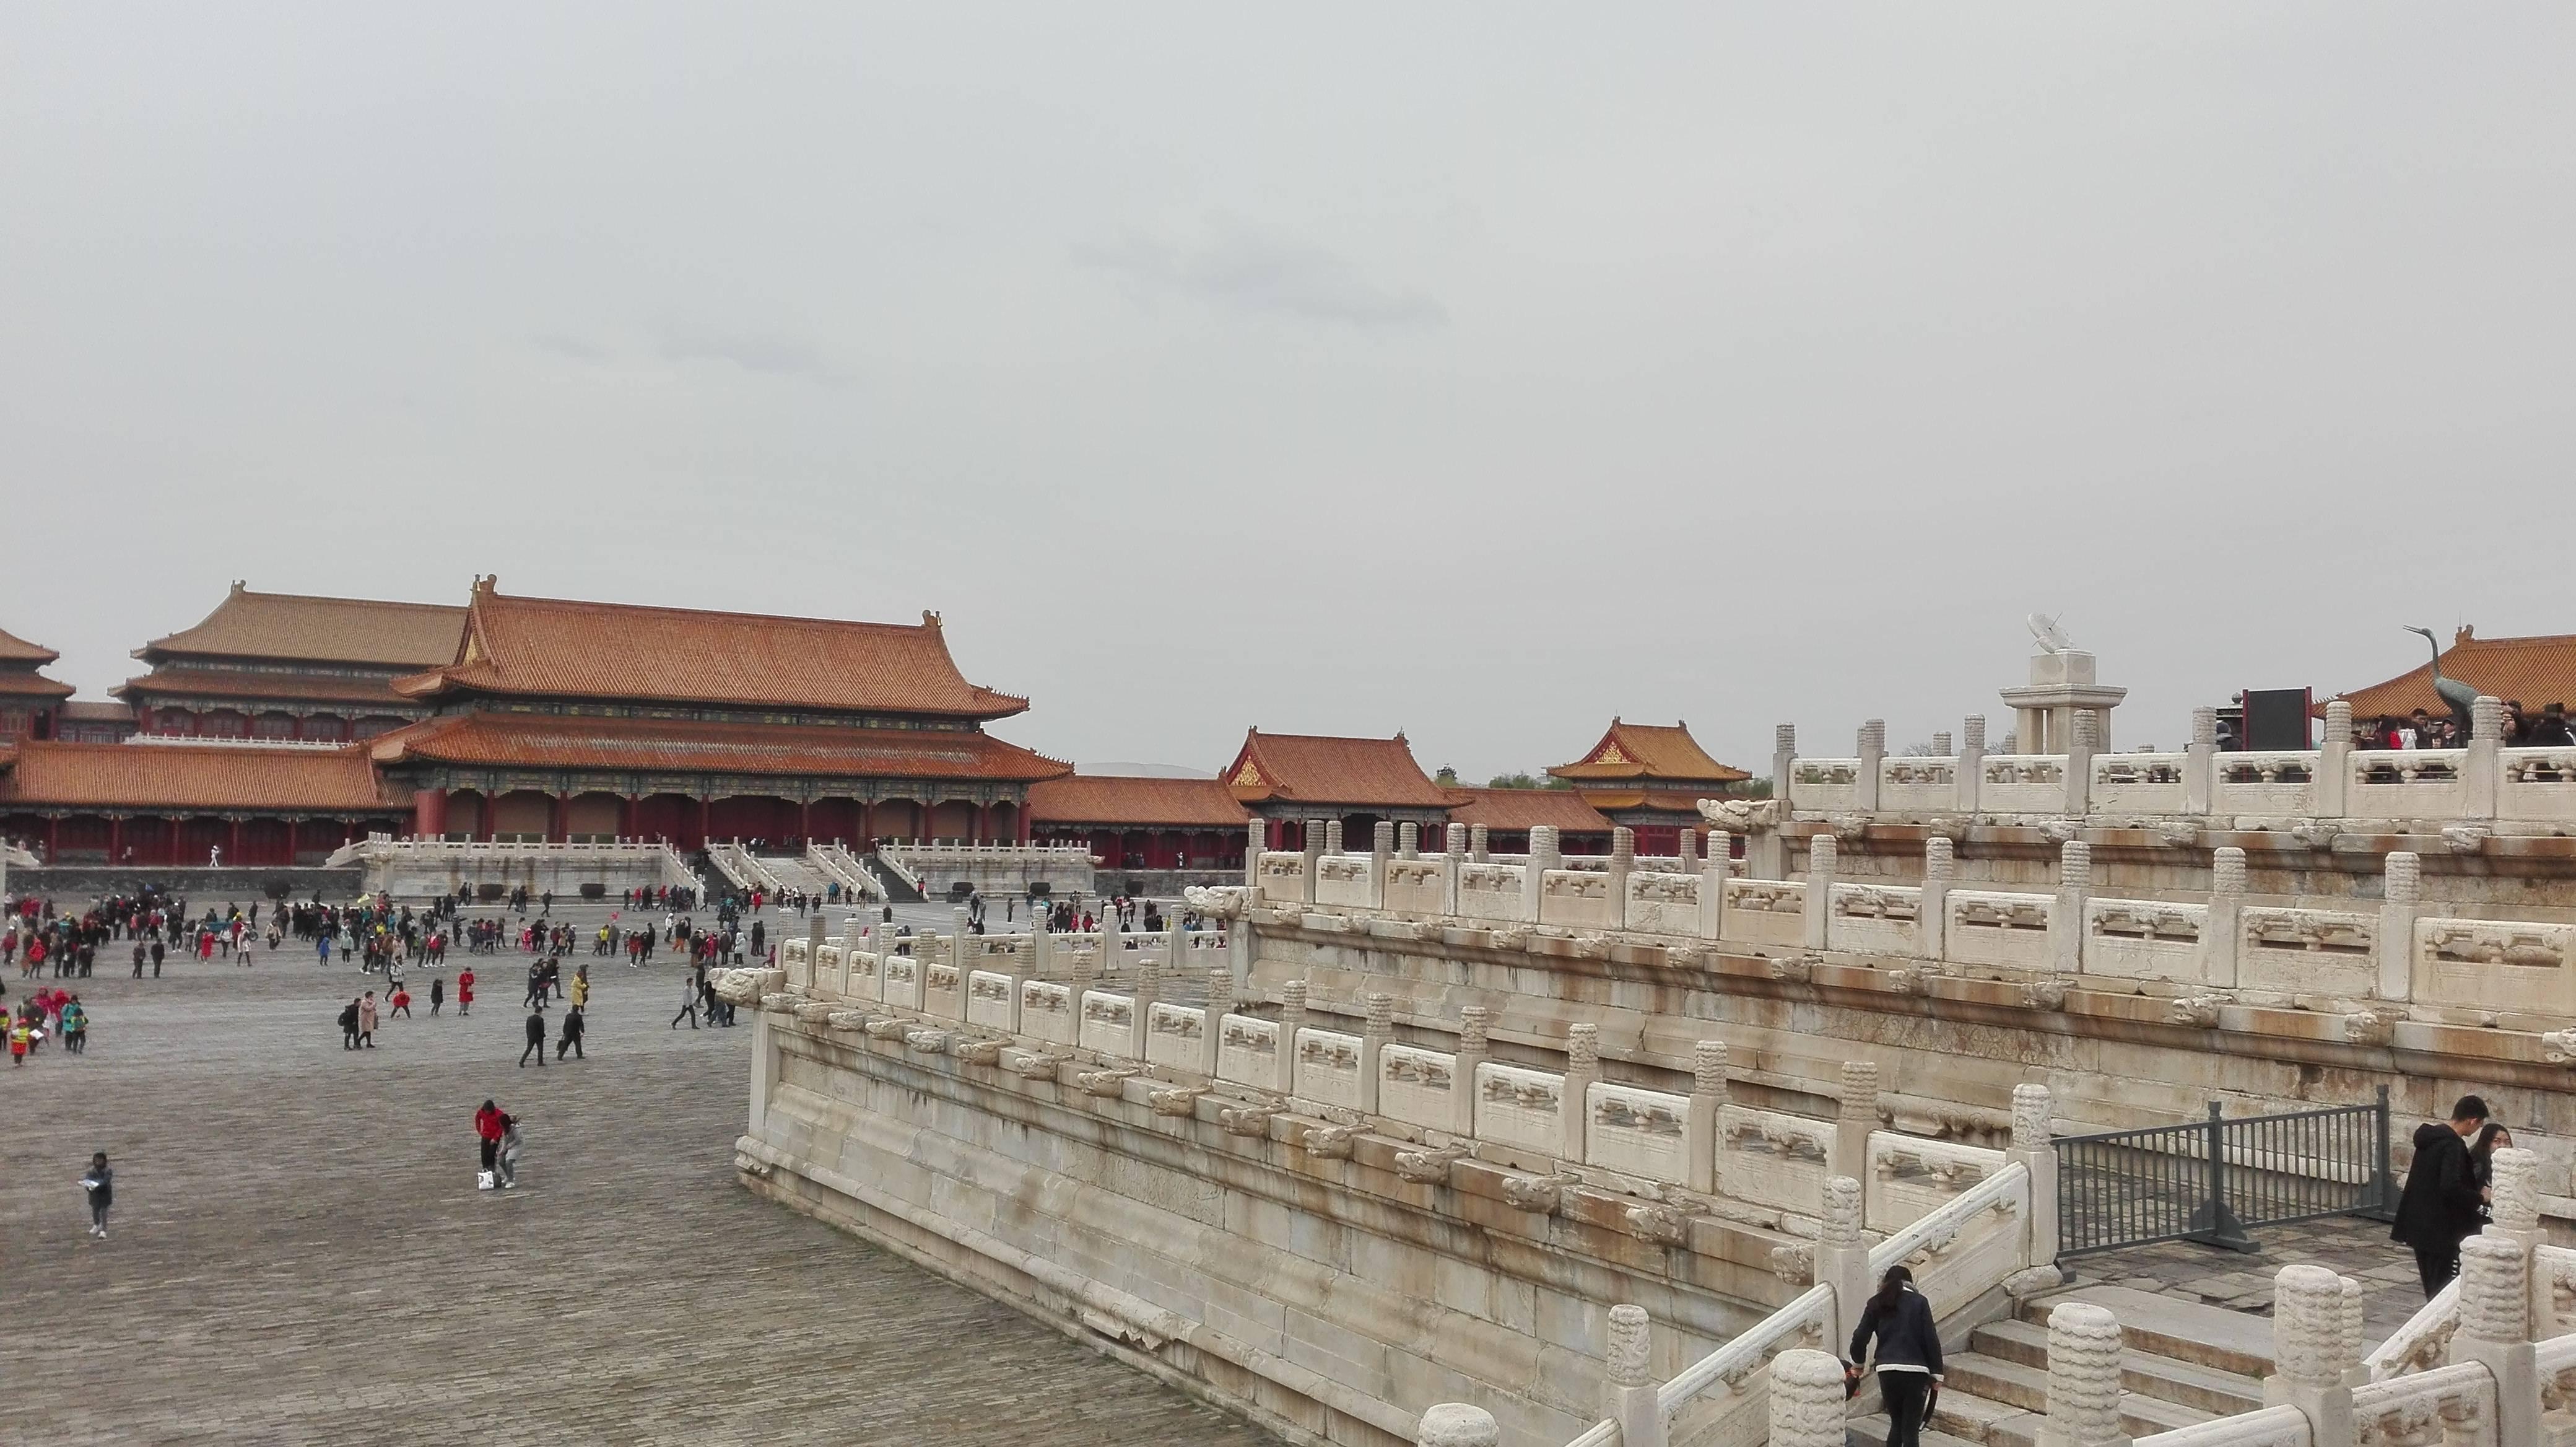 Photo 2: La Cité interdite à Pékin....en compagnie de milliers de touristes...chinois